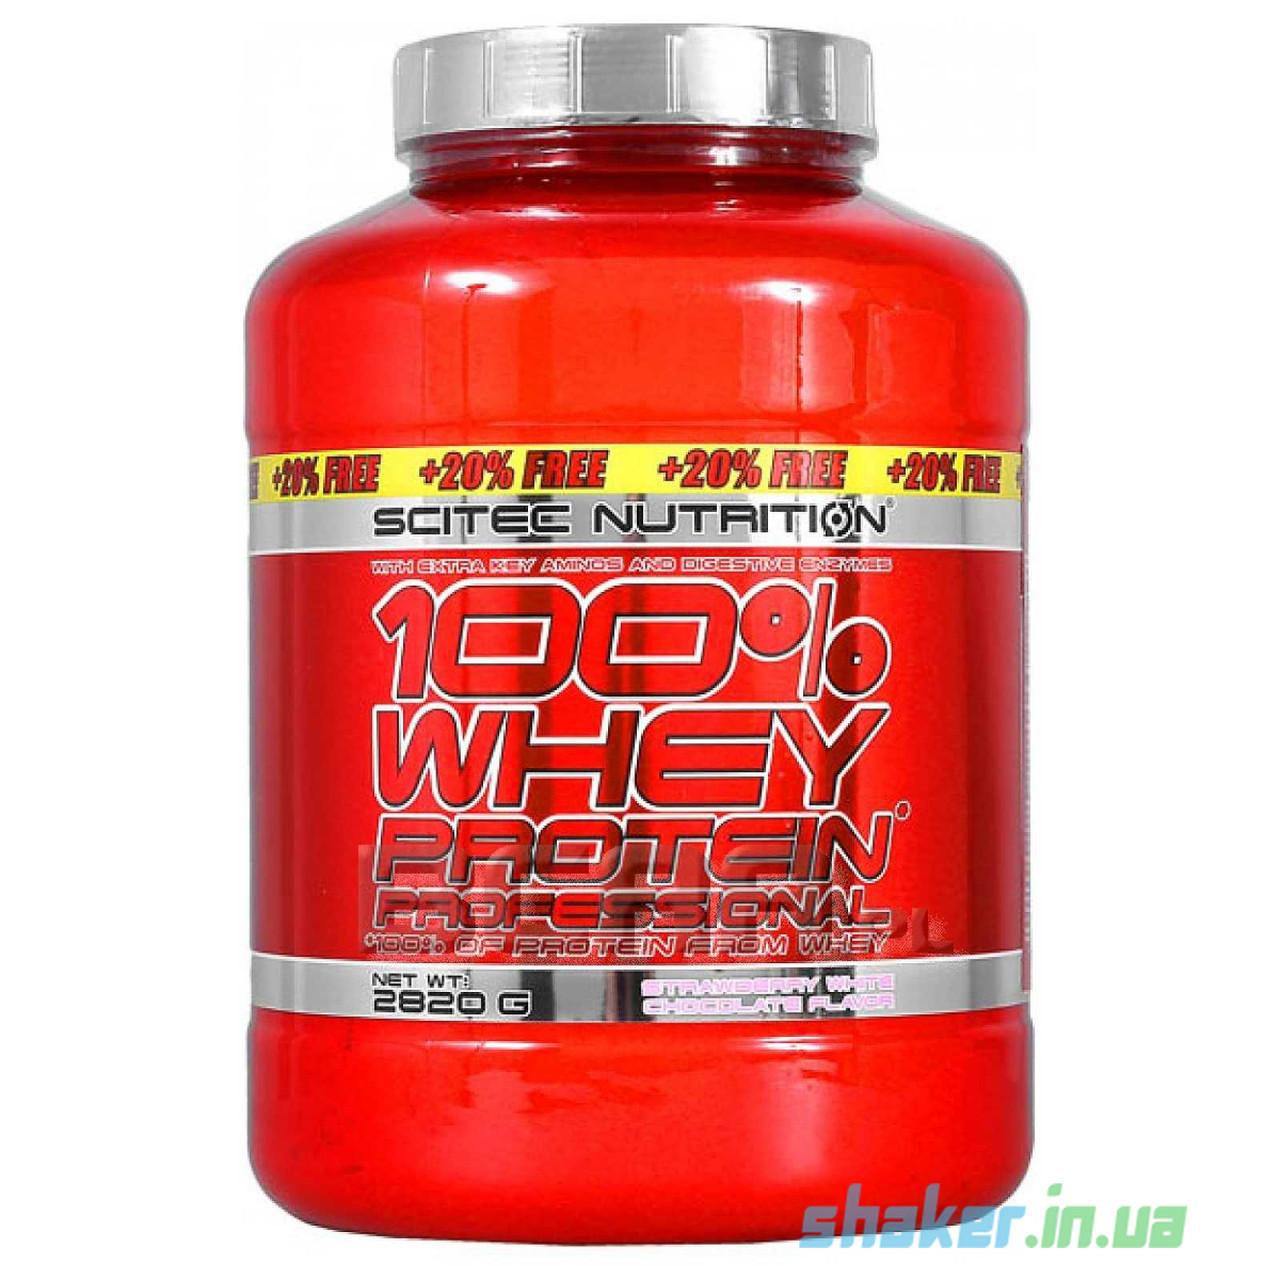 Сывороточный протеин концентрат Scitec Nutrition Whey Protein Professional +20% FREE (2,82 кг) скайтек вей